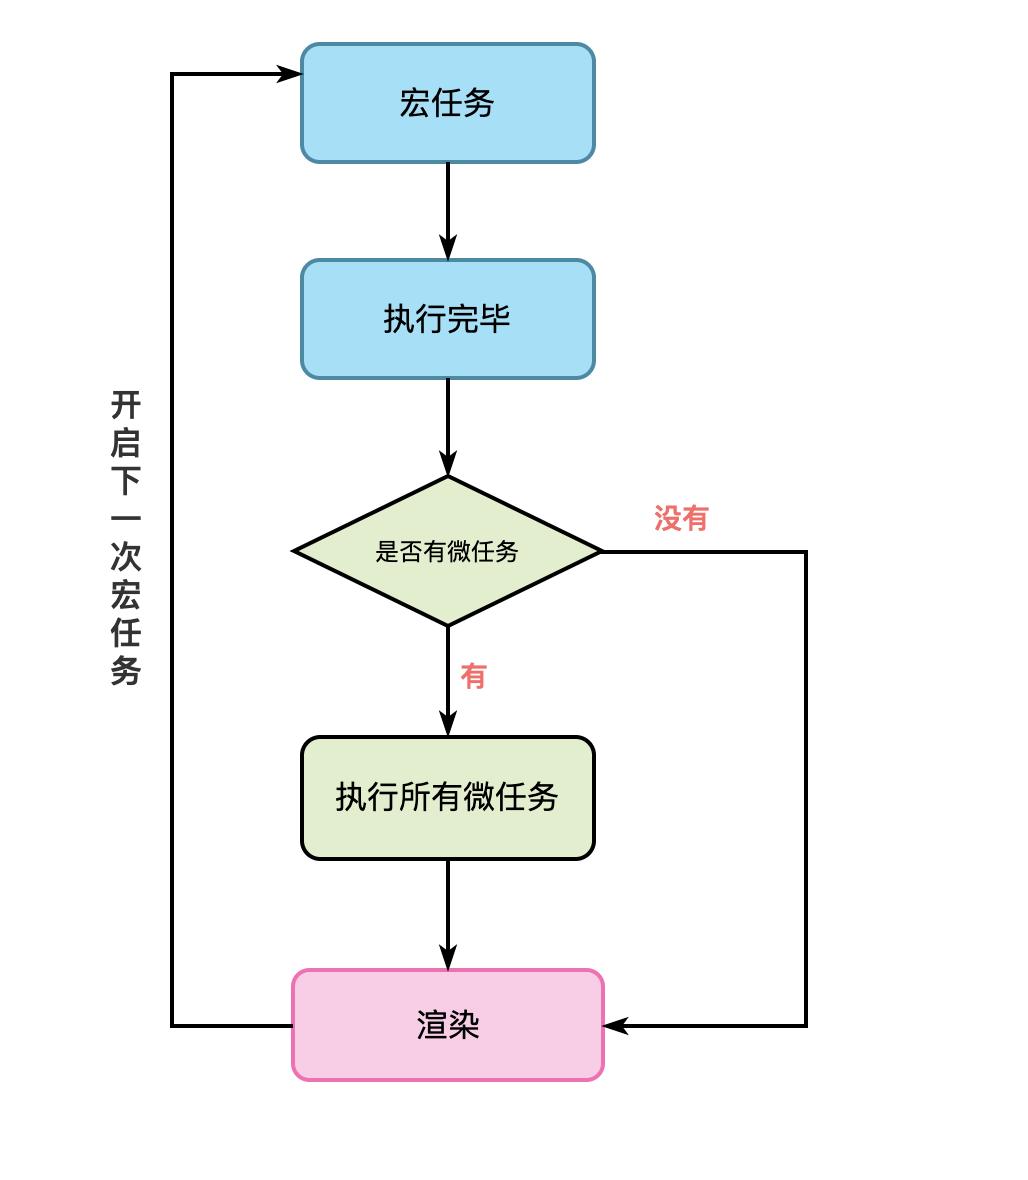 浏览器事件循环